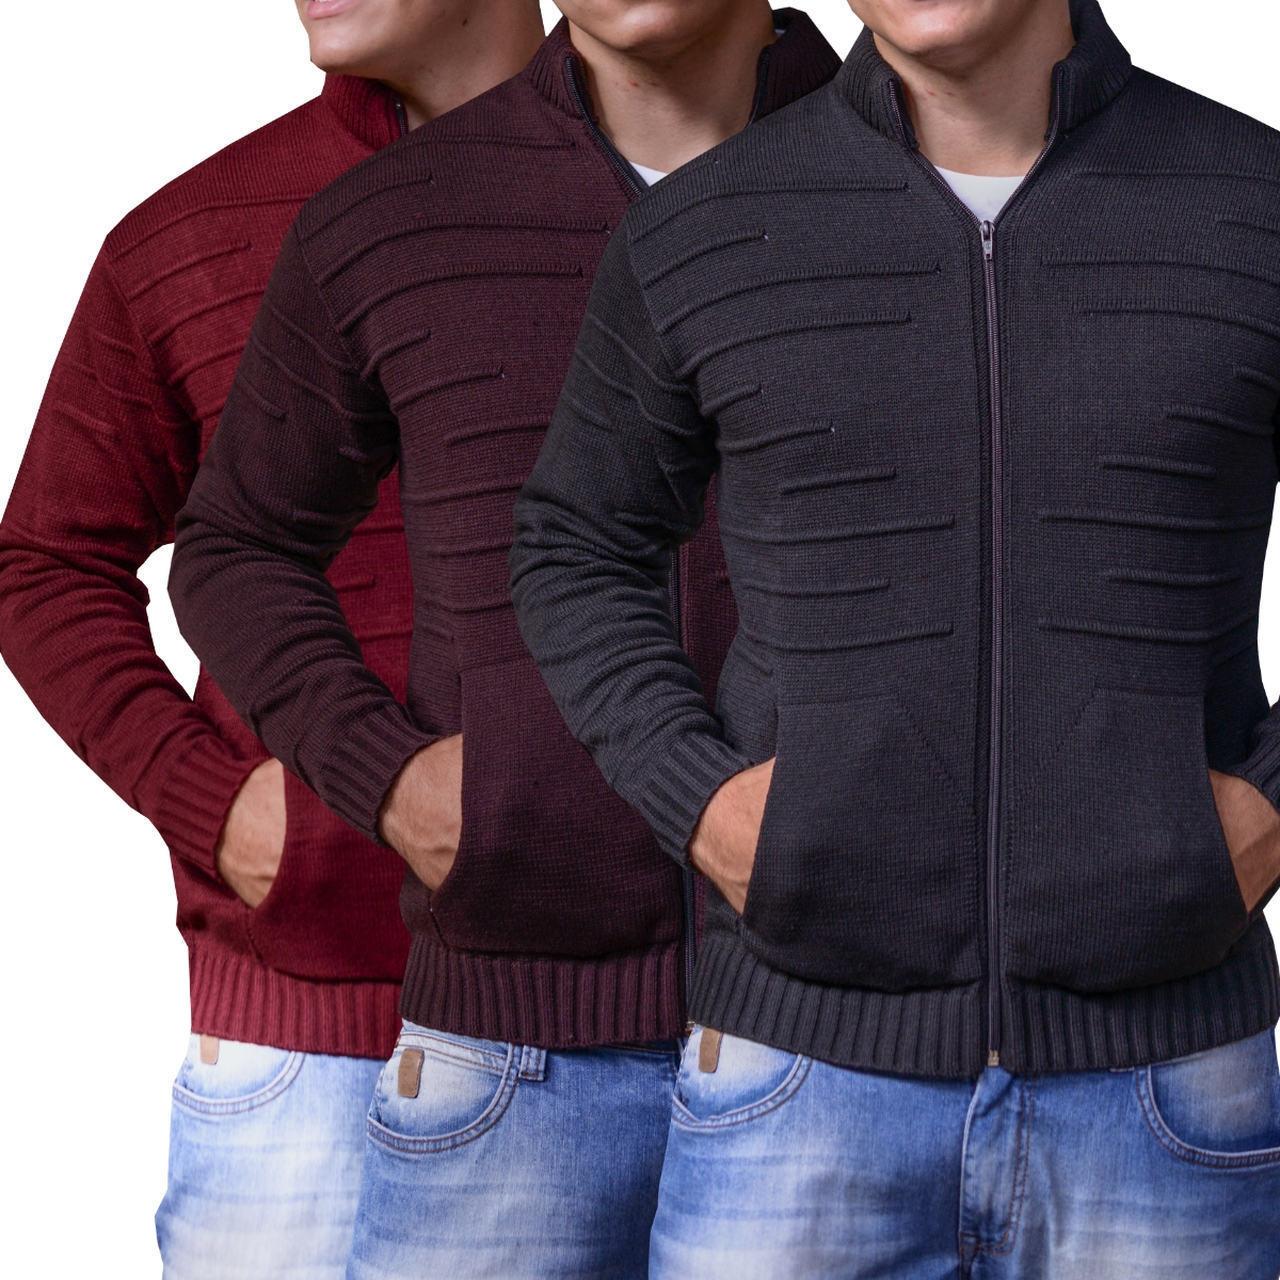 26edb21b4f camisa masculina térmica kit 3 casaco de lã frio i.